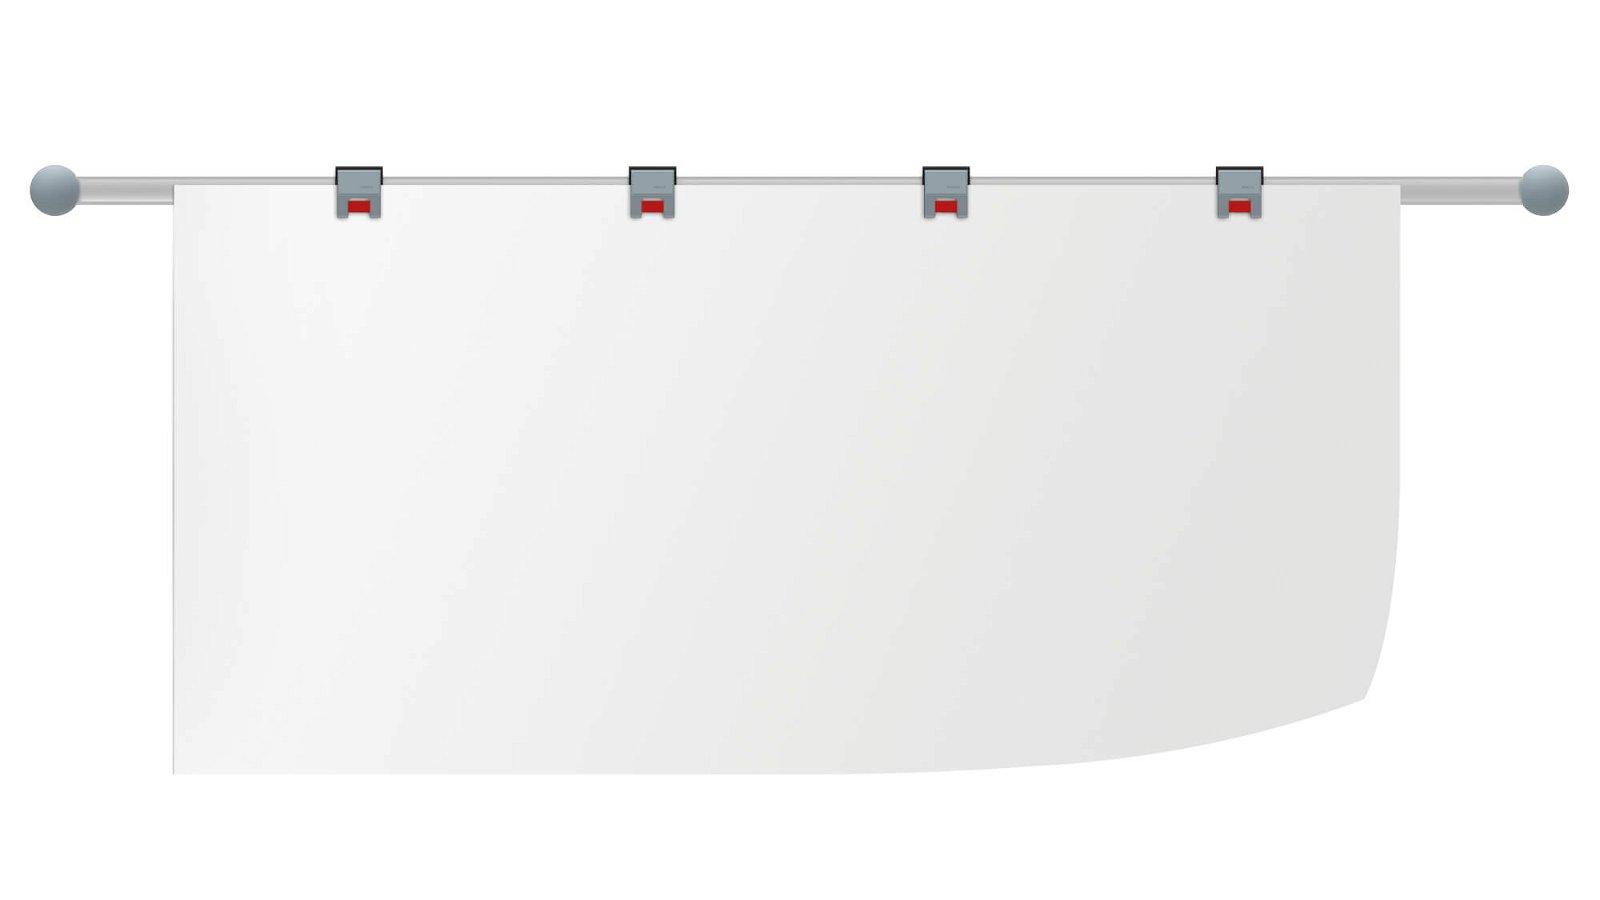 Planhalter-Wandschiene mit 4 Rollenclips, Länge 100cm, grau